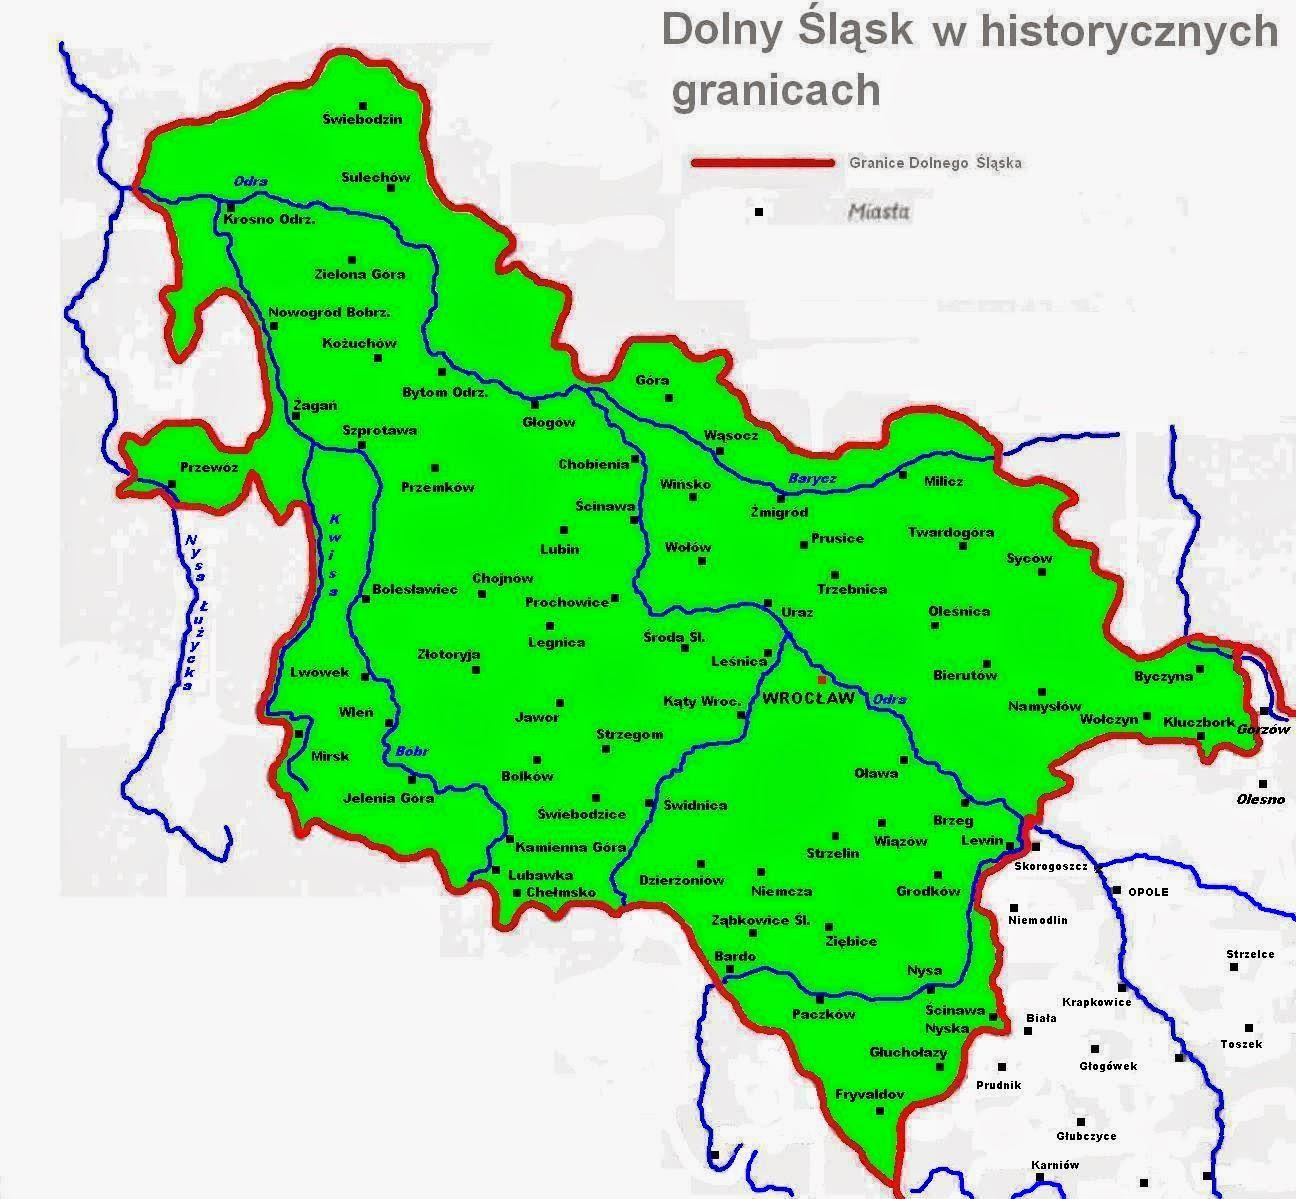 Historyczne granice Dolnego Śląska